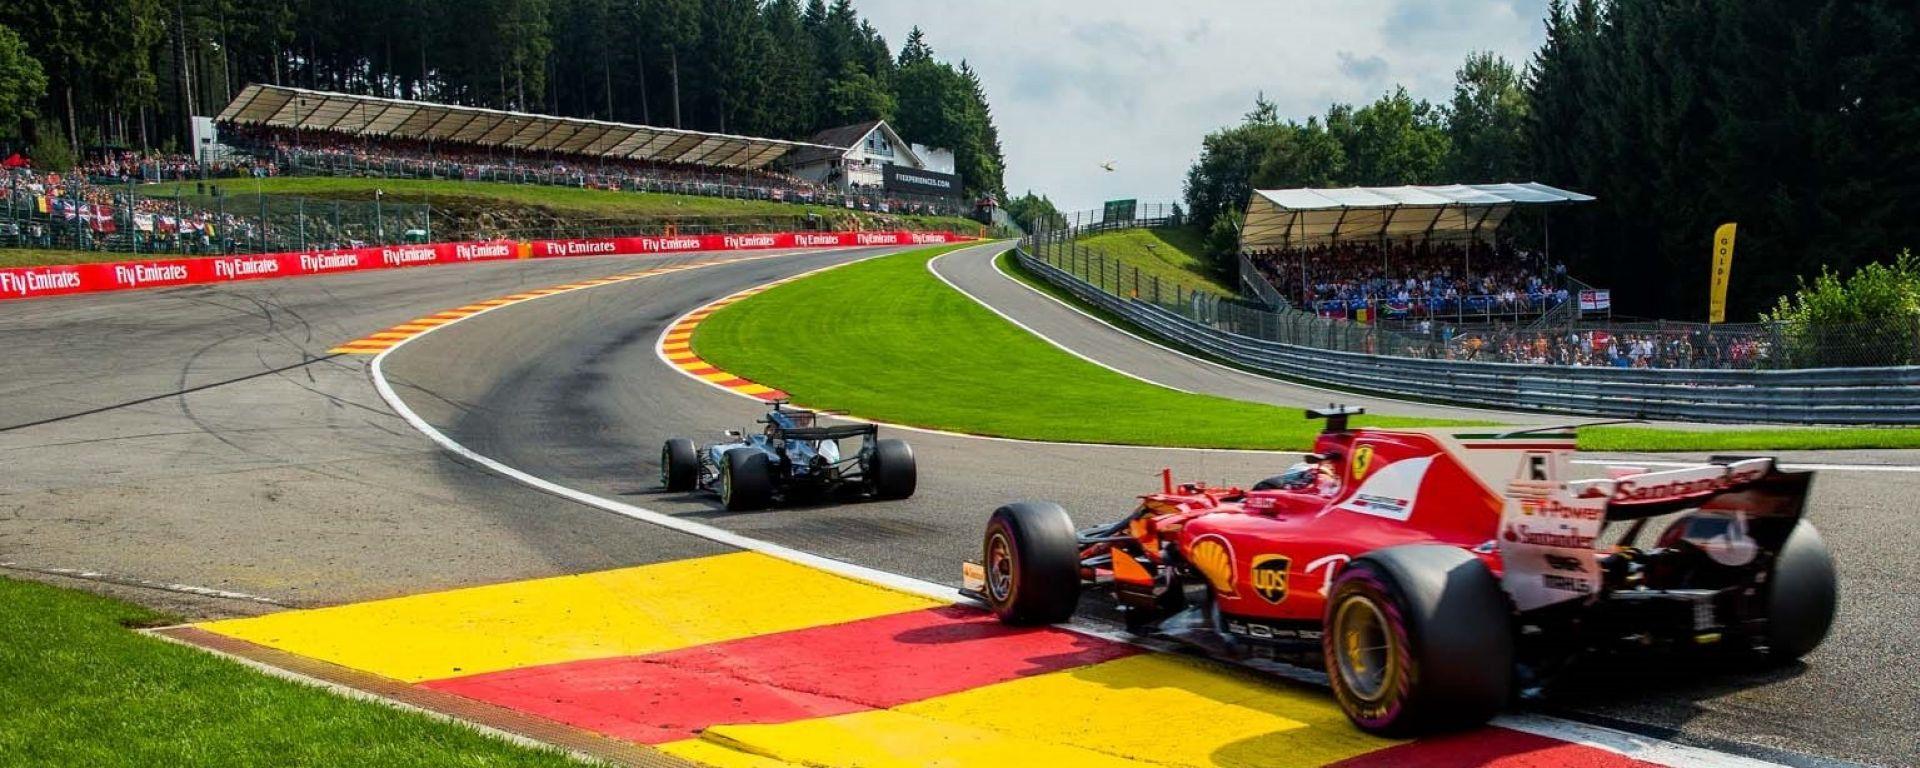 Formula 1, nel 2018 stabiliti 19 record della pista su 21